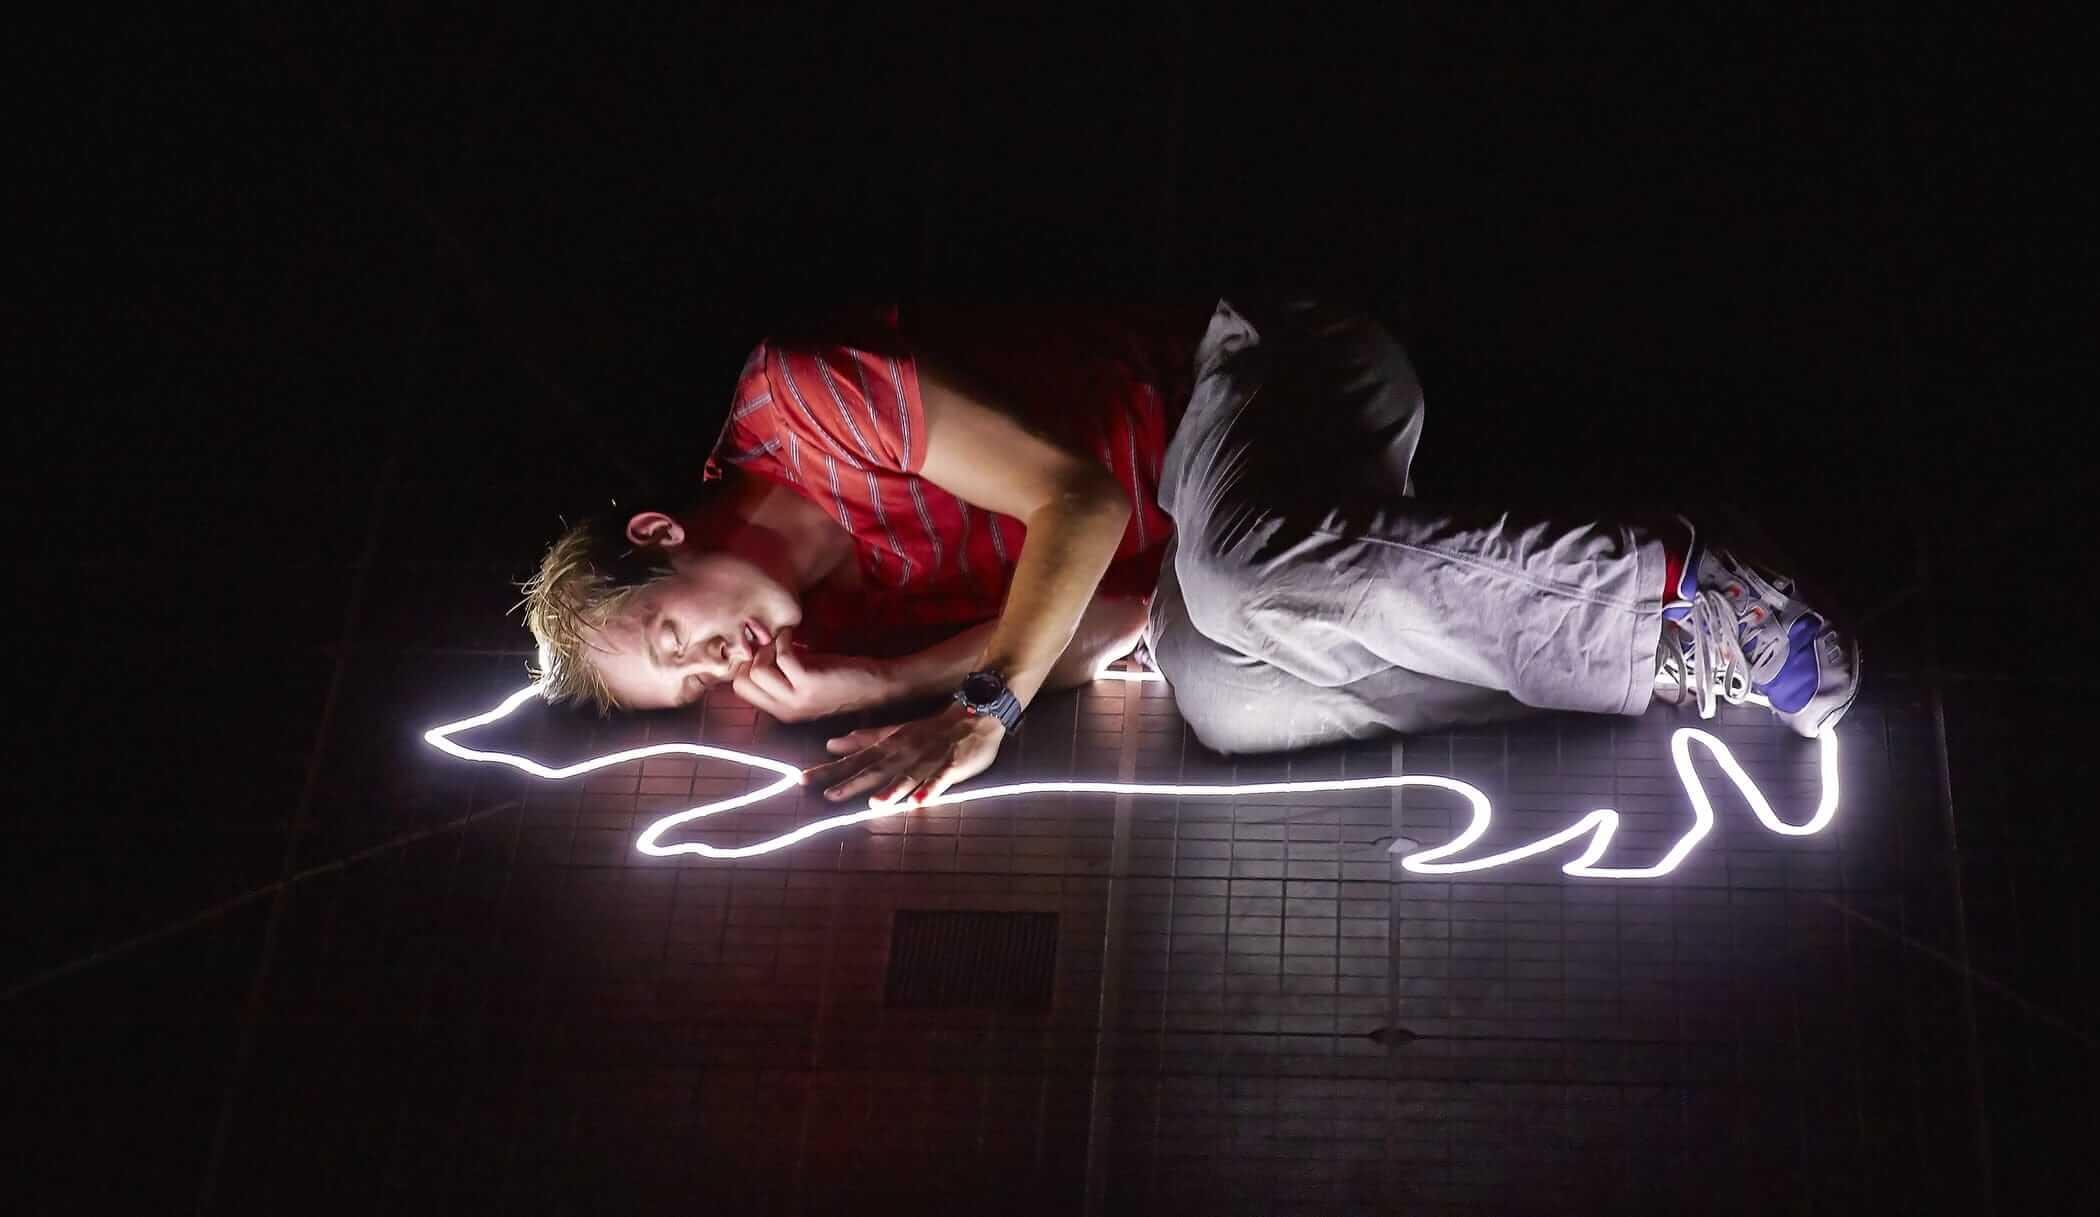 Фрагмент спектакля Лондонского королевского театра «Загадочное ночное убийство собаки» поодноименной книге Марка Хэддона